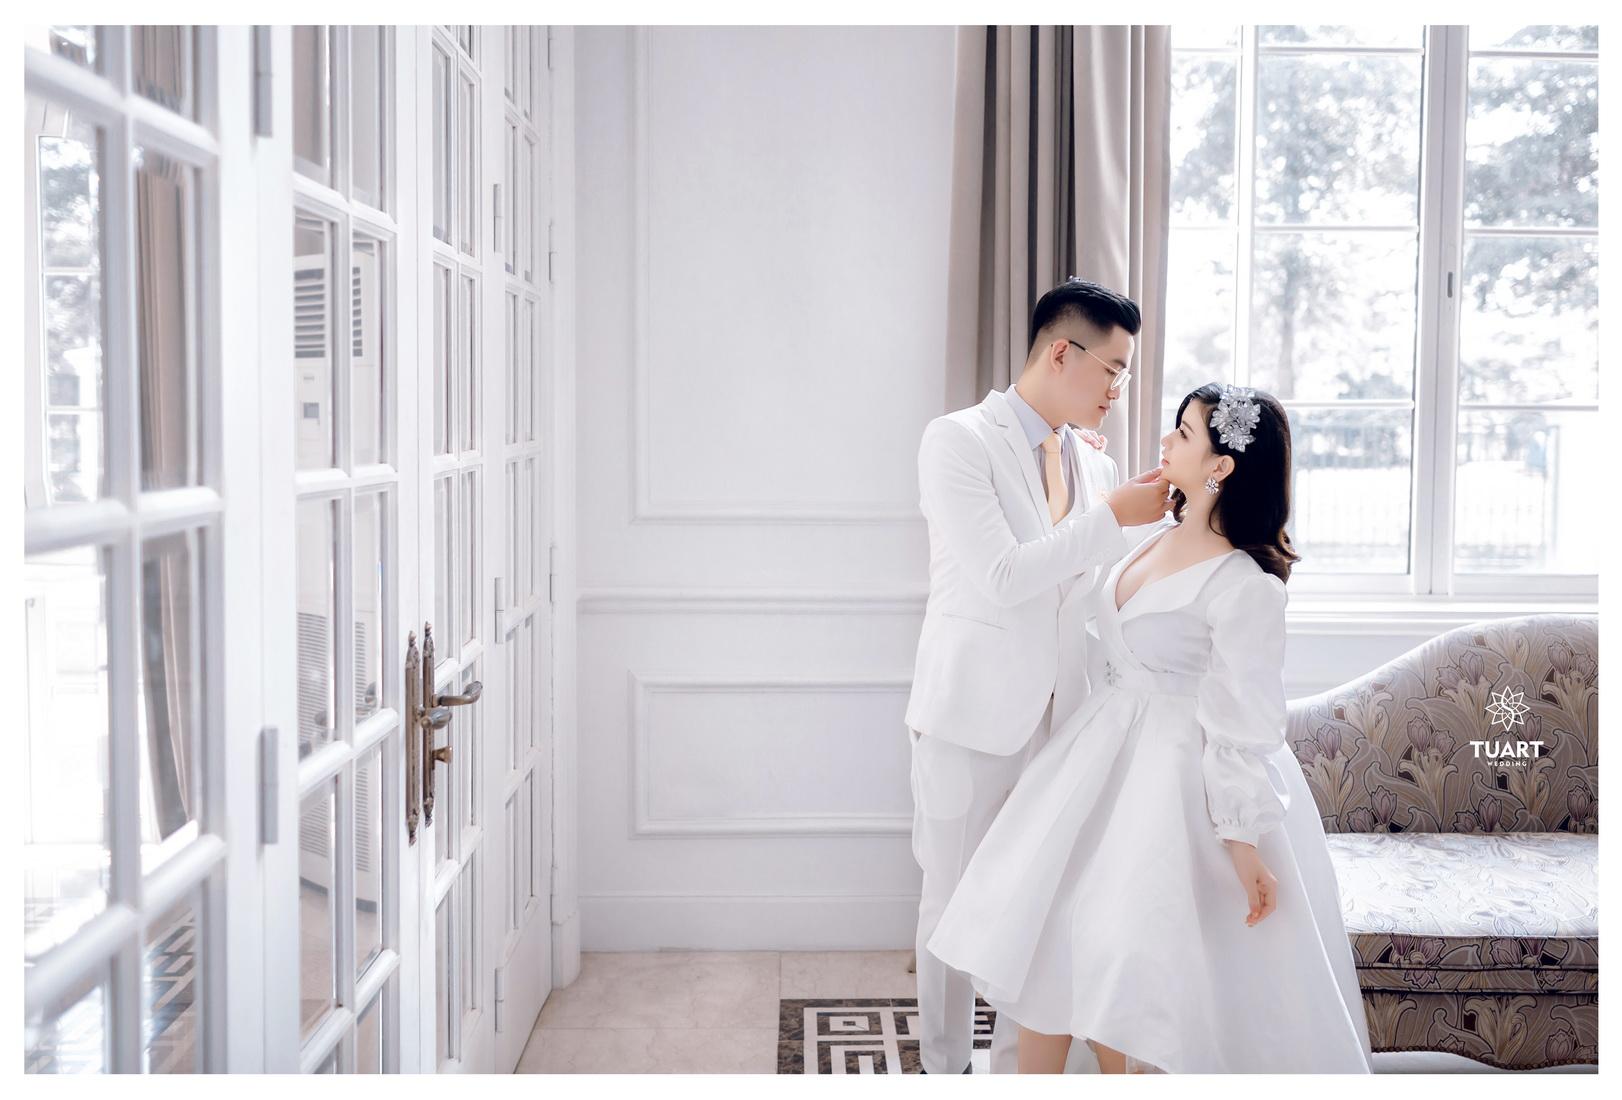 Album ảnh cưới đẹp Biệt thự hoa hồng